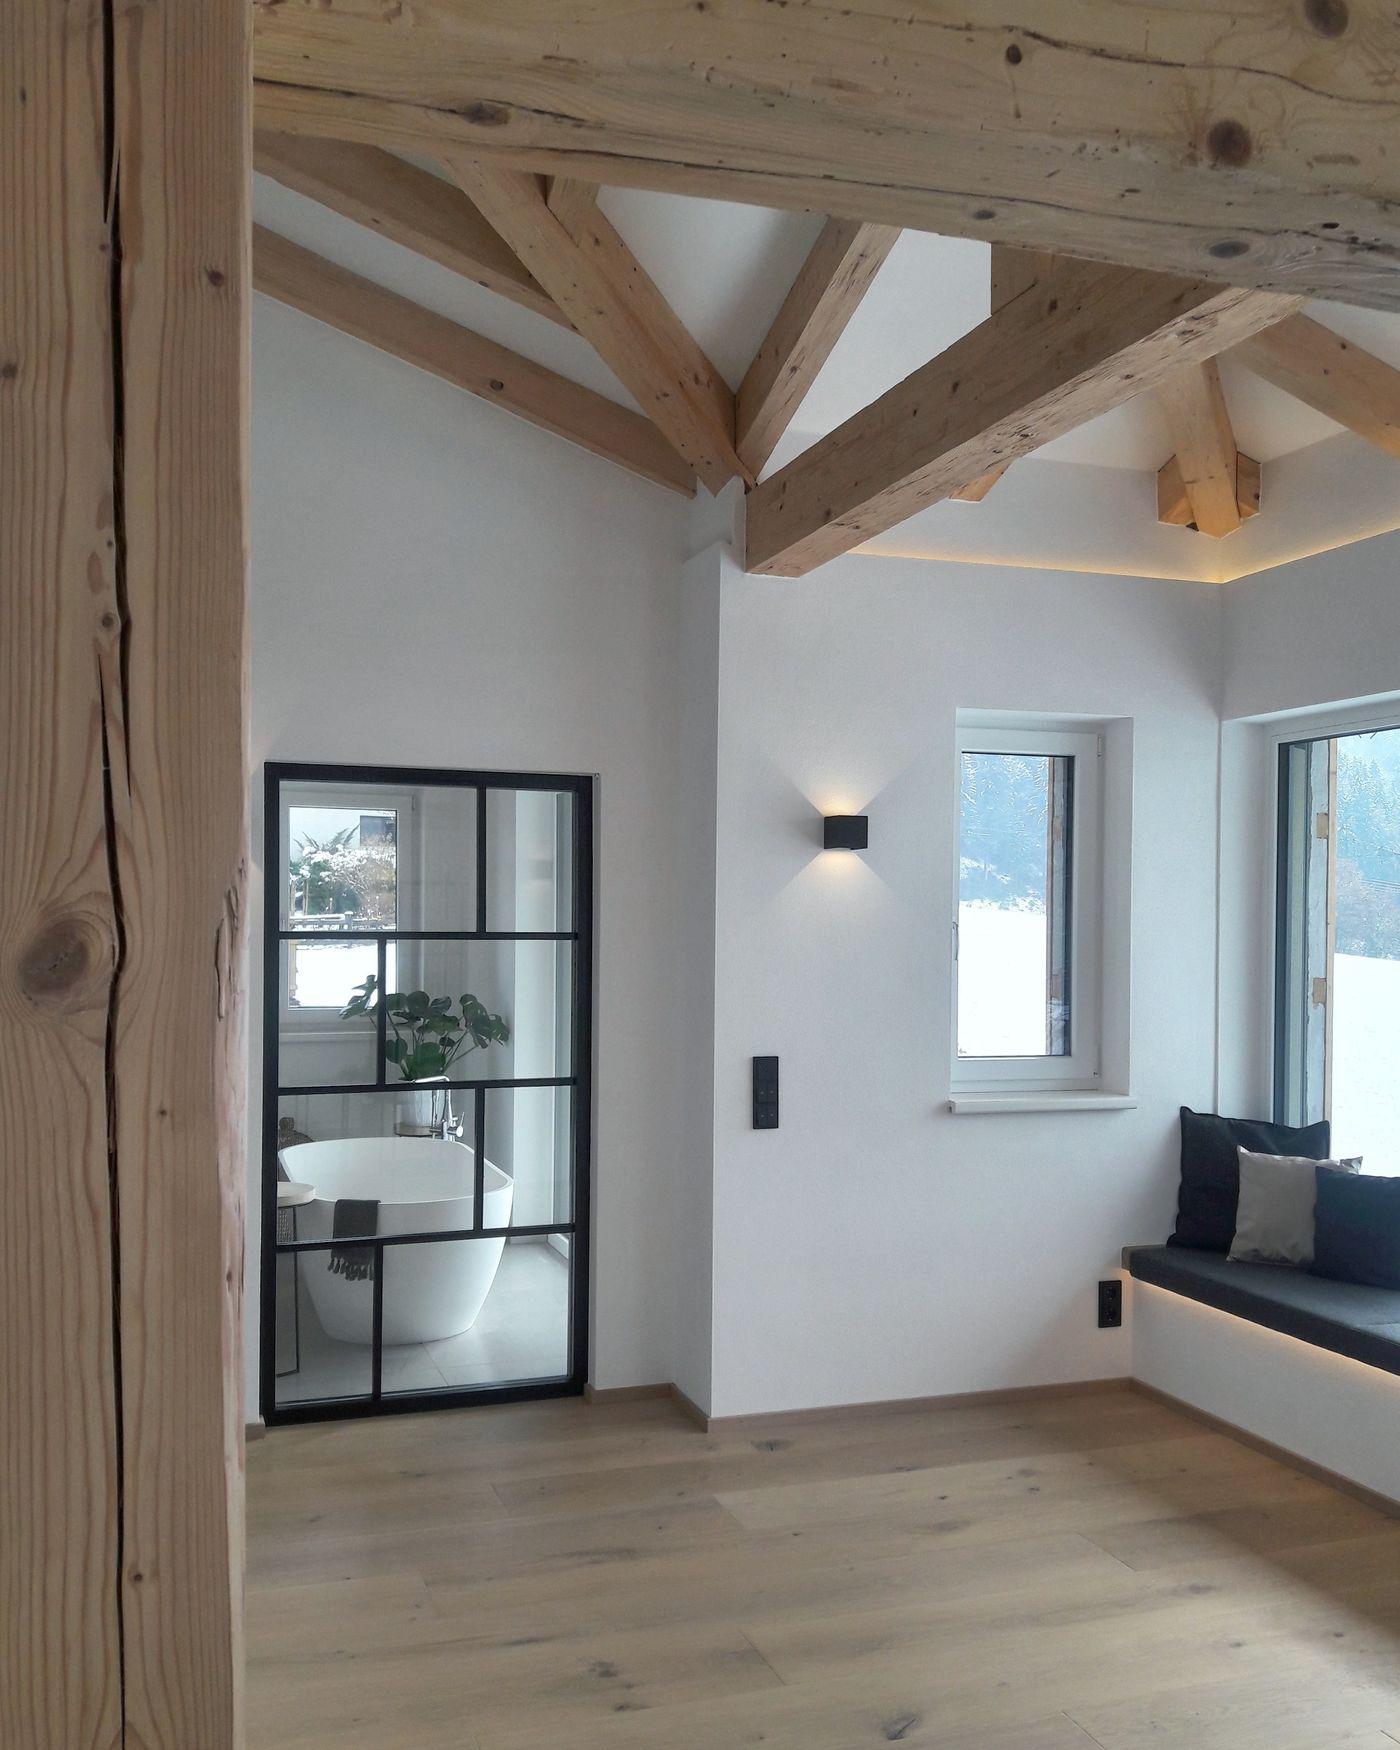 Ideen fr deine Wohnung im Dachgeschoss mit Dachschrgen